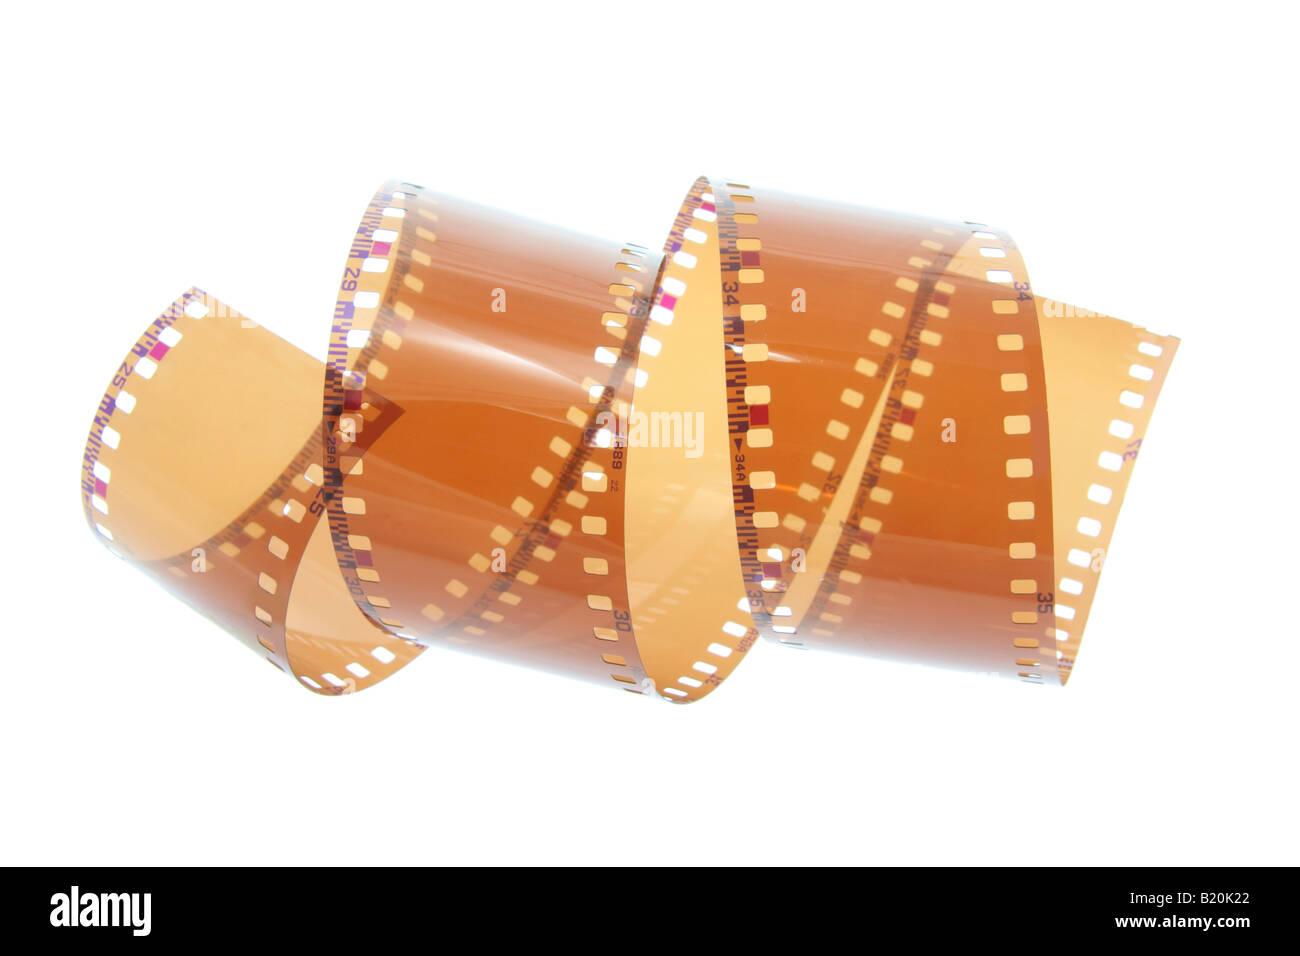 Negativos de películas a branco Imagens de Stock